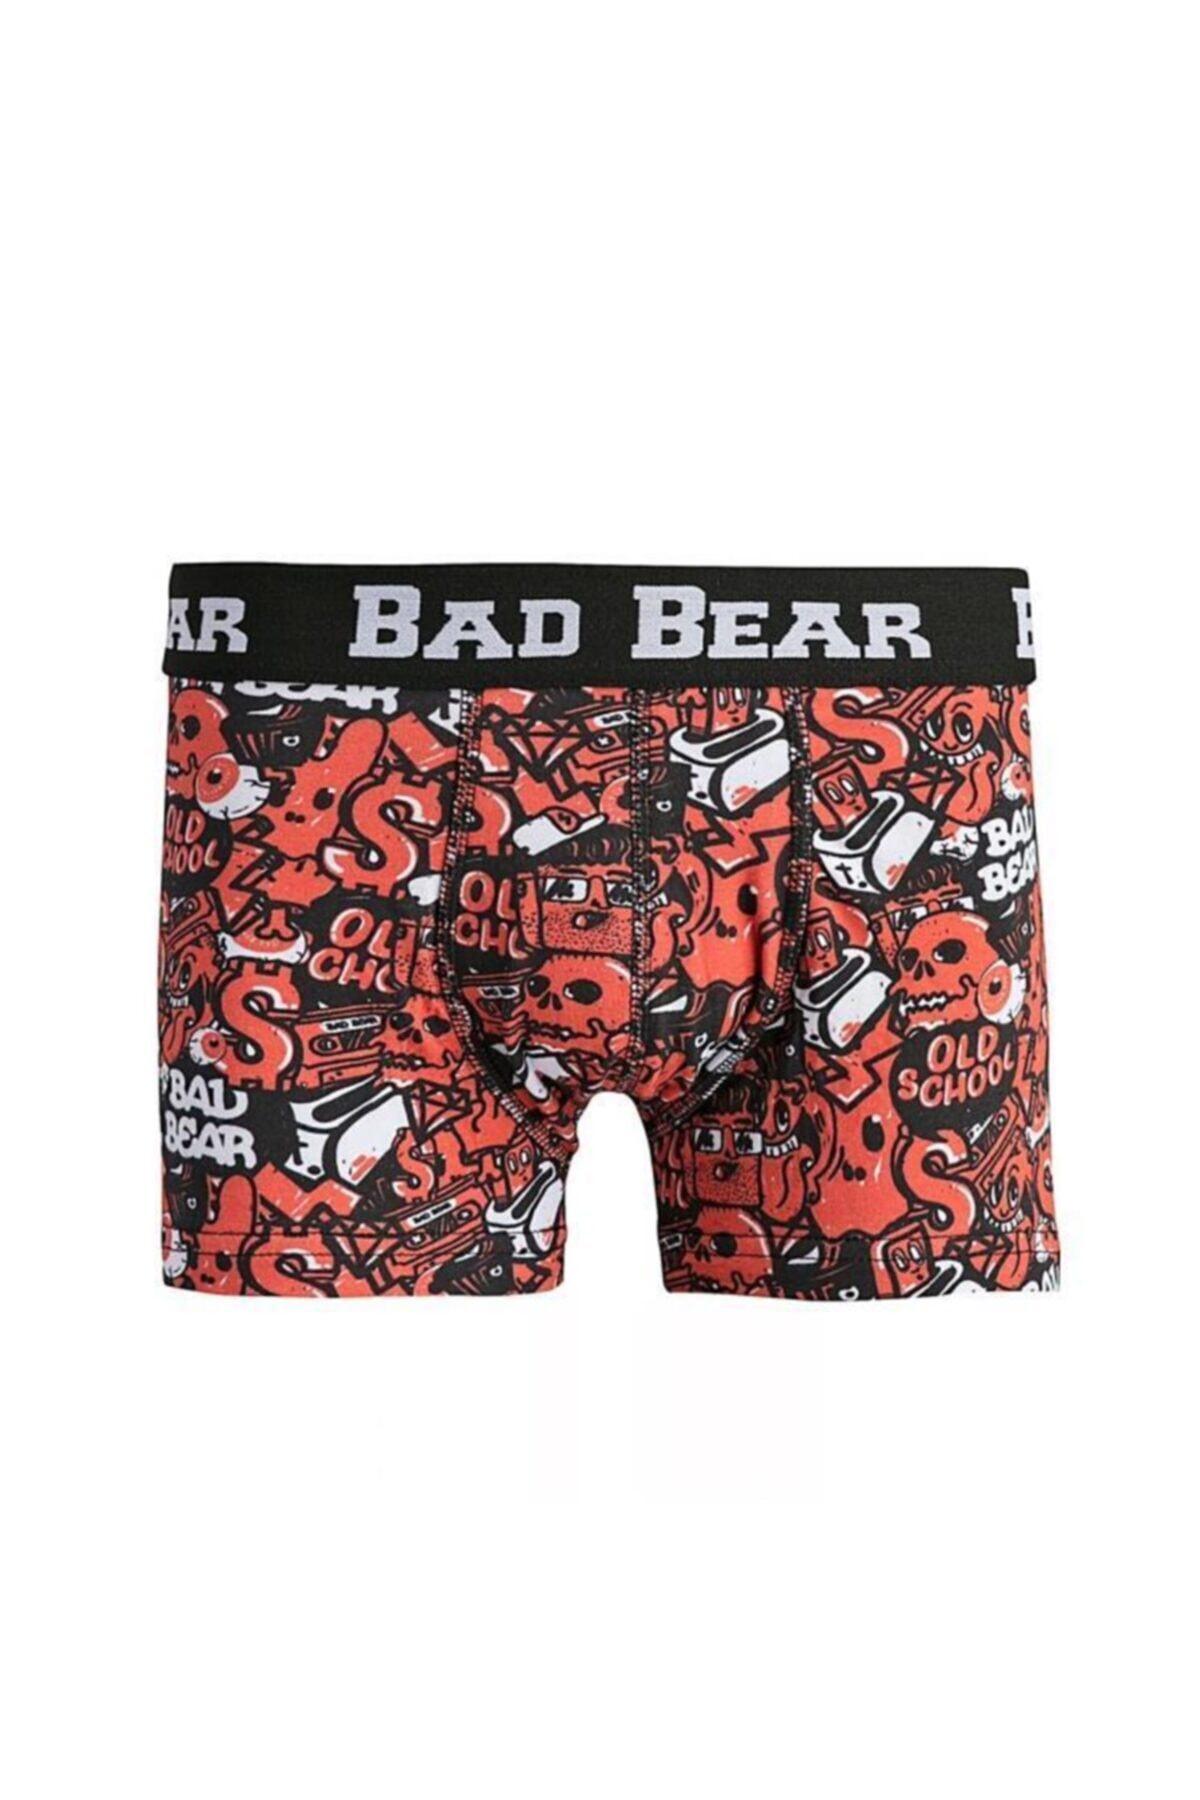 Bad Bear Erkek Baskılı Boxer 18.01.03.014 1